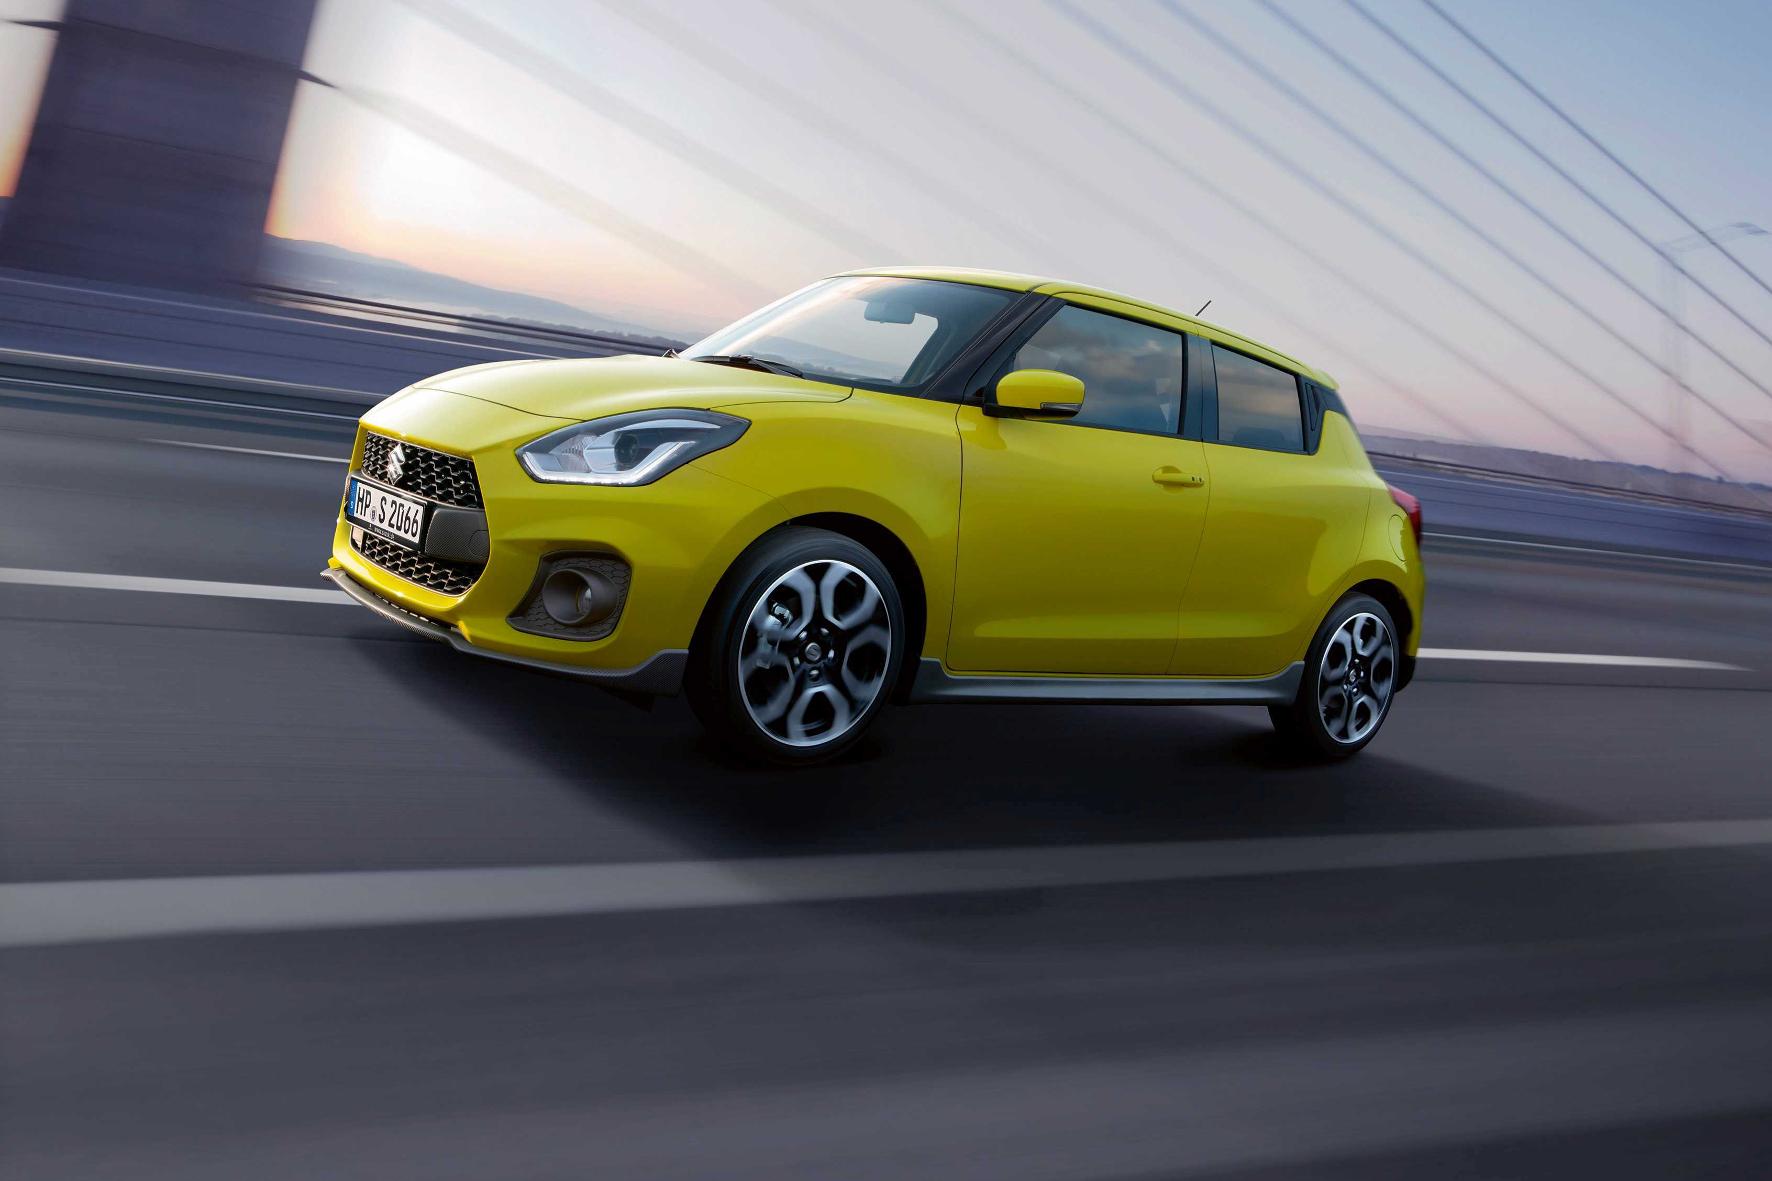 Wer in den Suzuki Swift Sport einsteigt, wird trotz überschaubarer 140 PS eine Menge Fahrspaß haben. Ein sportlich ausgelegtes Fahrwerk und ein geringes Gewicht sind zwei der Zutaten dafür.